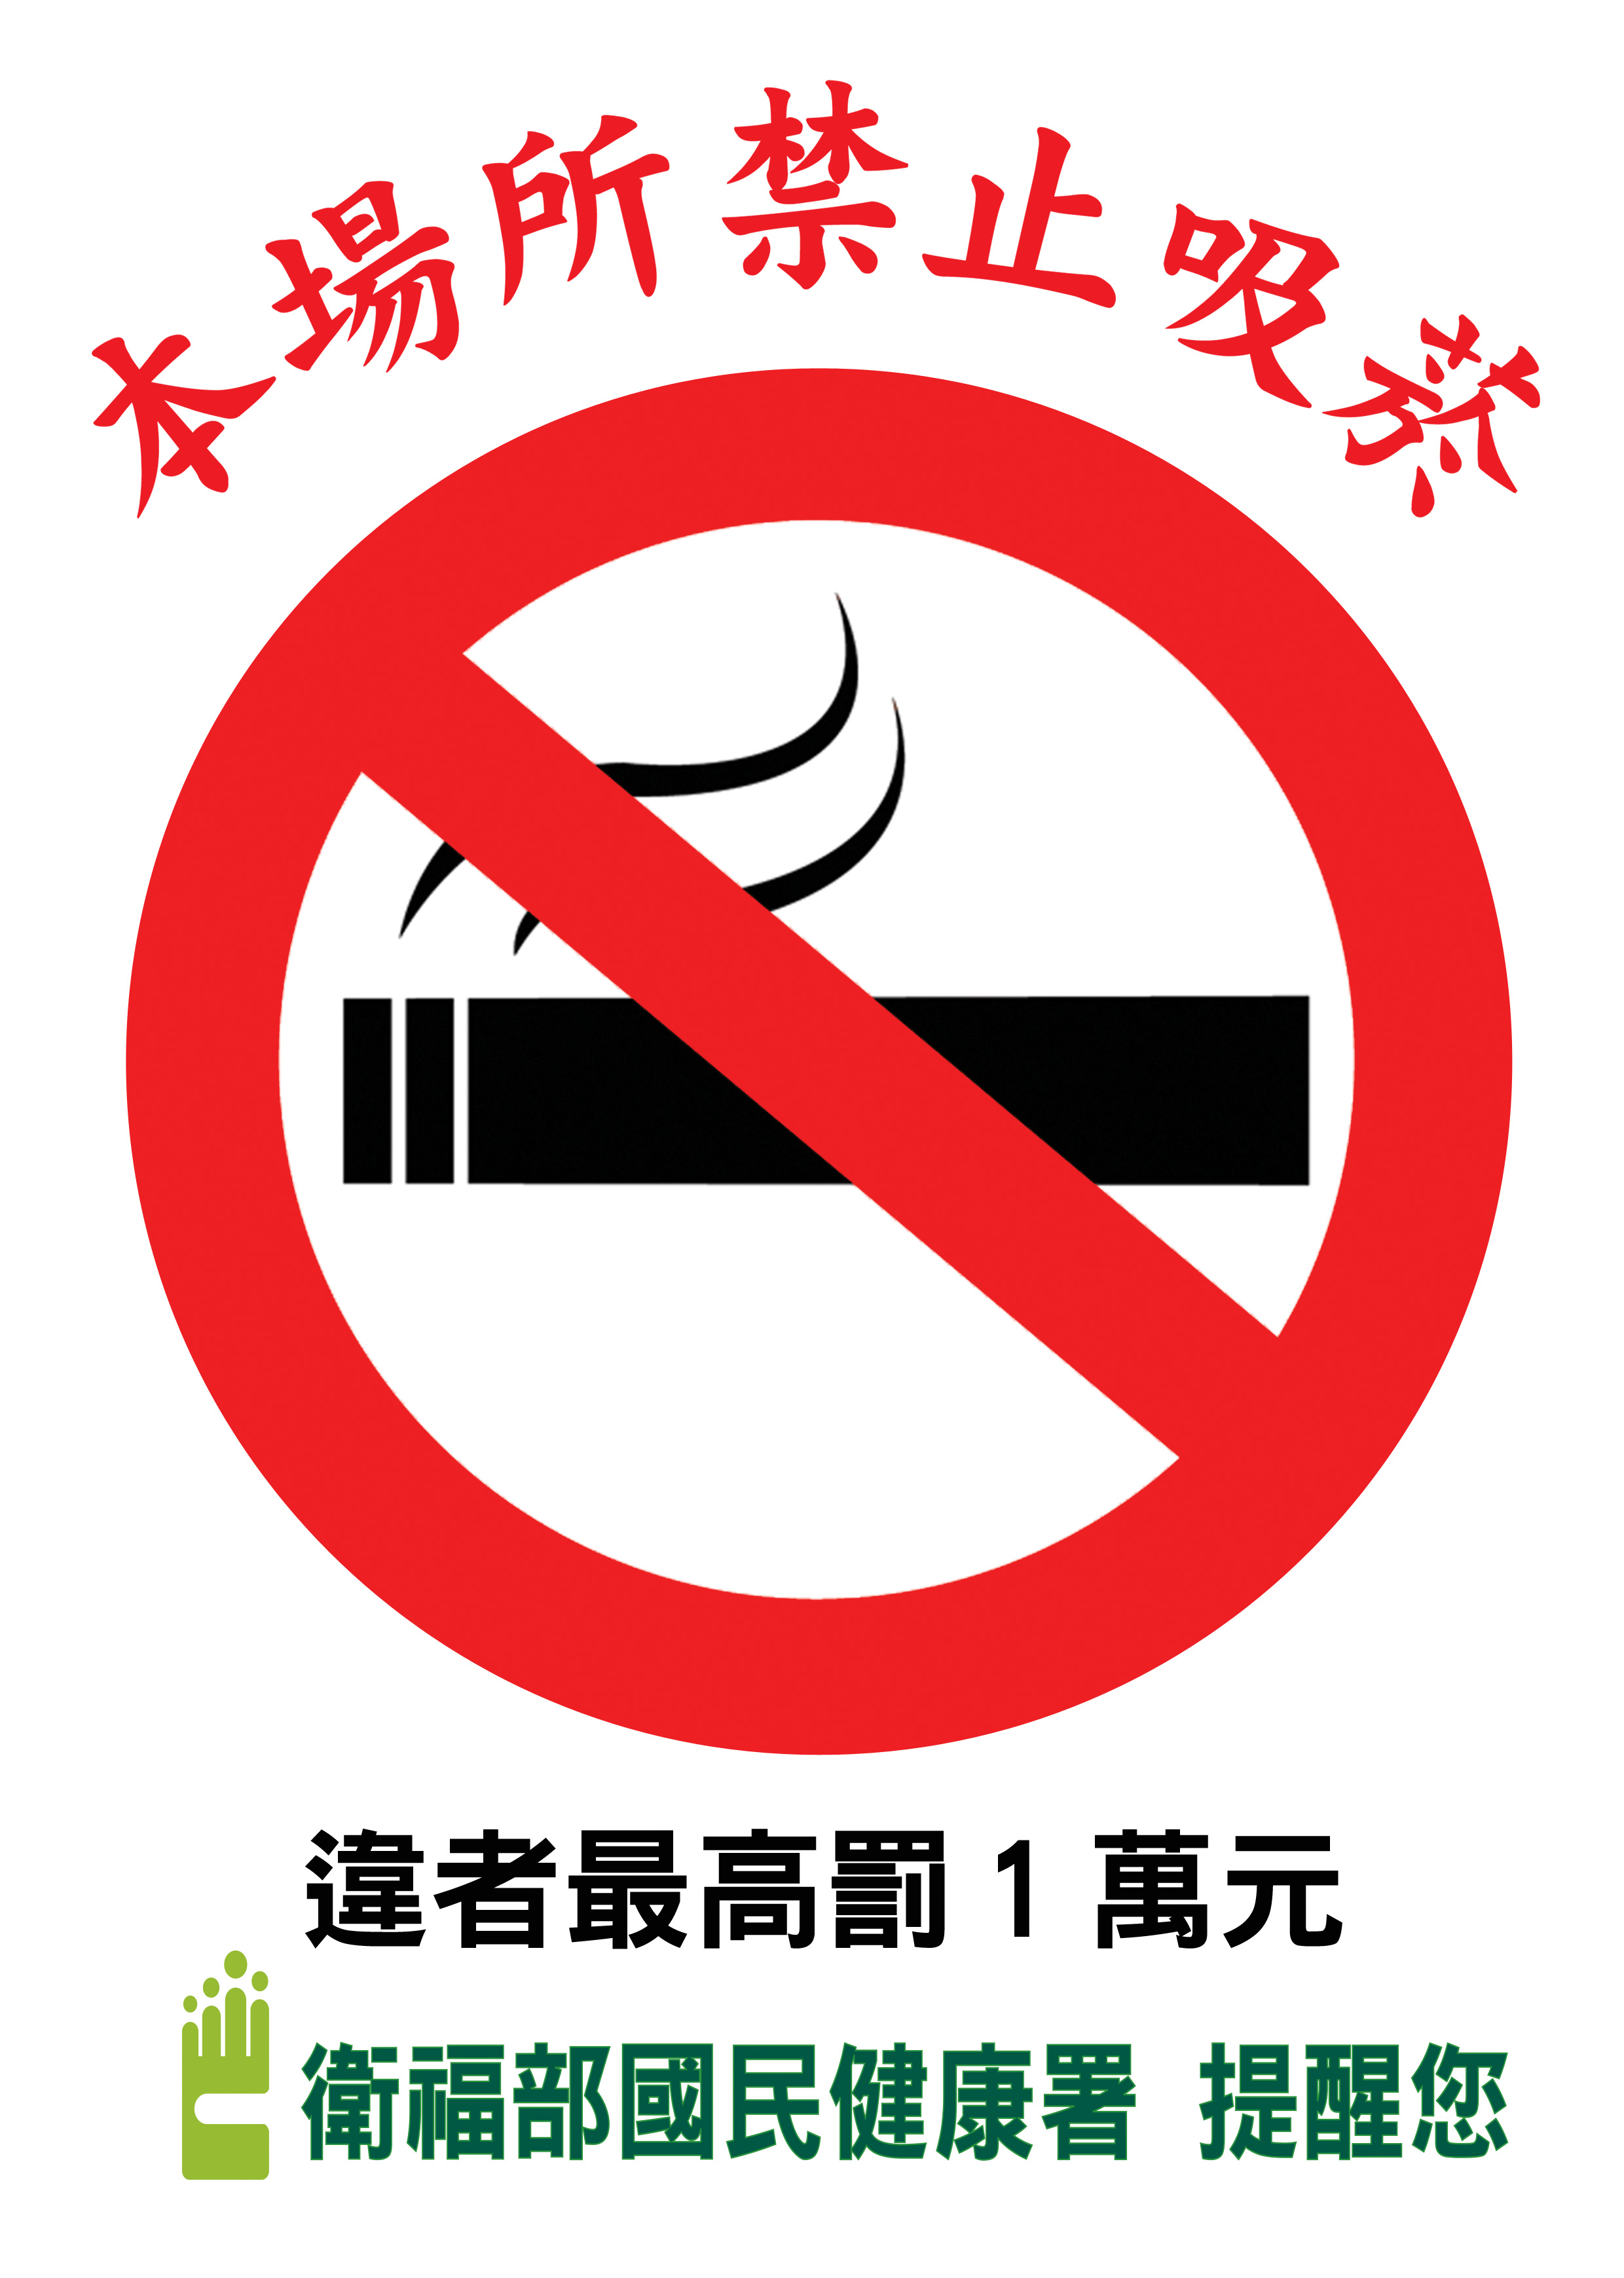 本場所禁止吸菸,違者最高罰1萬元(A4)